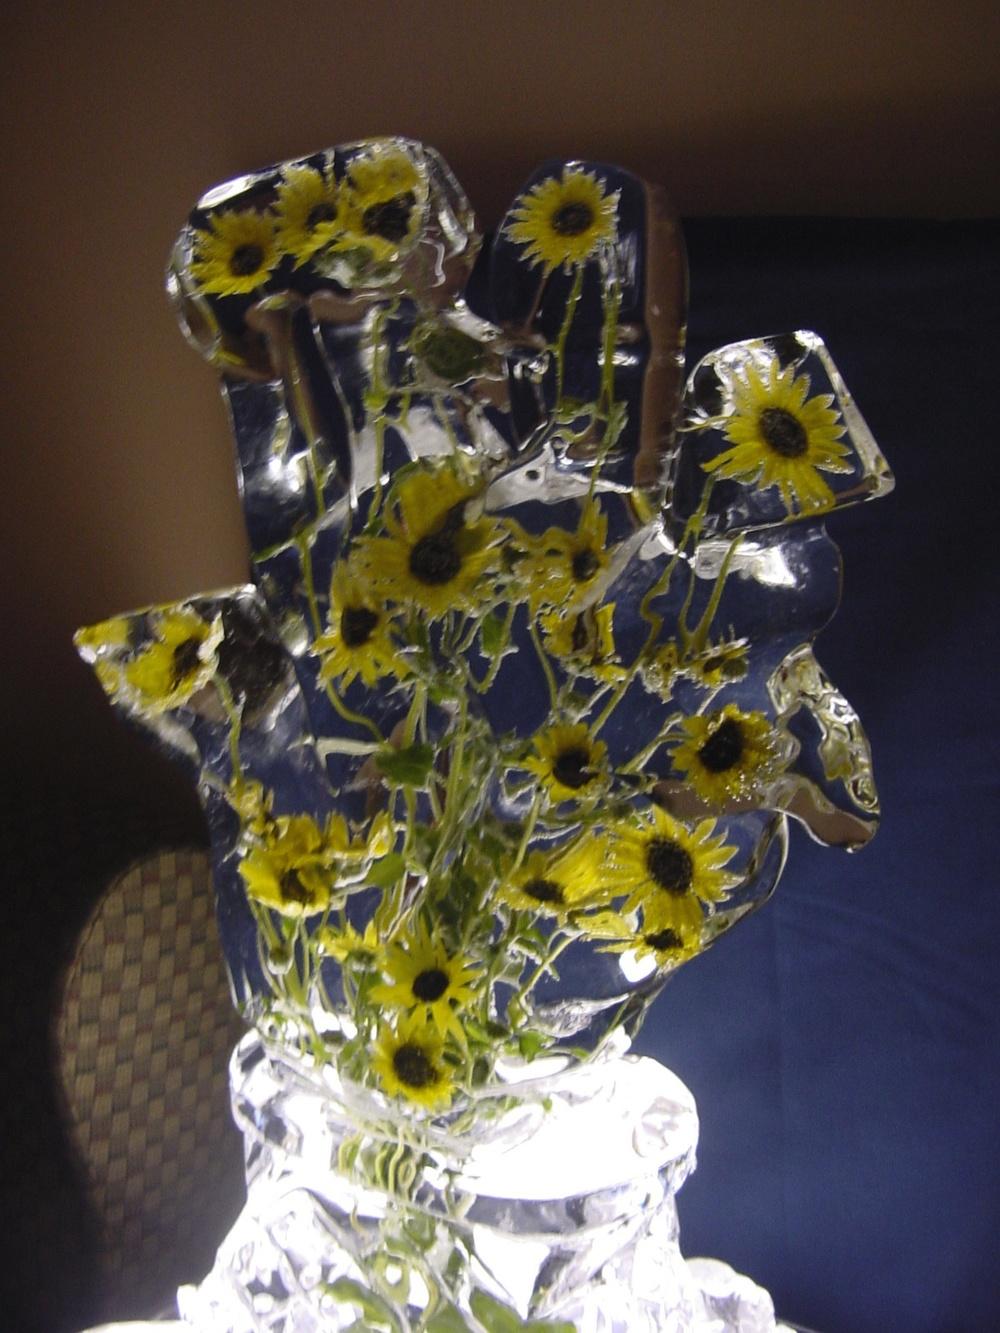 8-31-02 Ice Flower & Vase 5.jpg